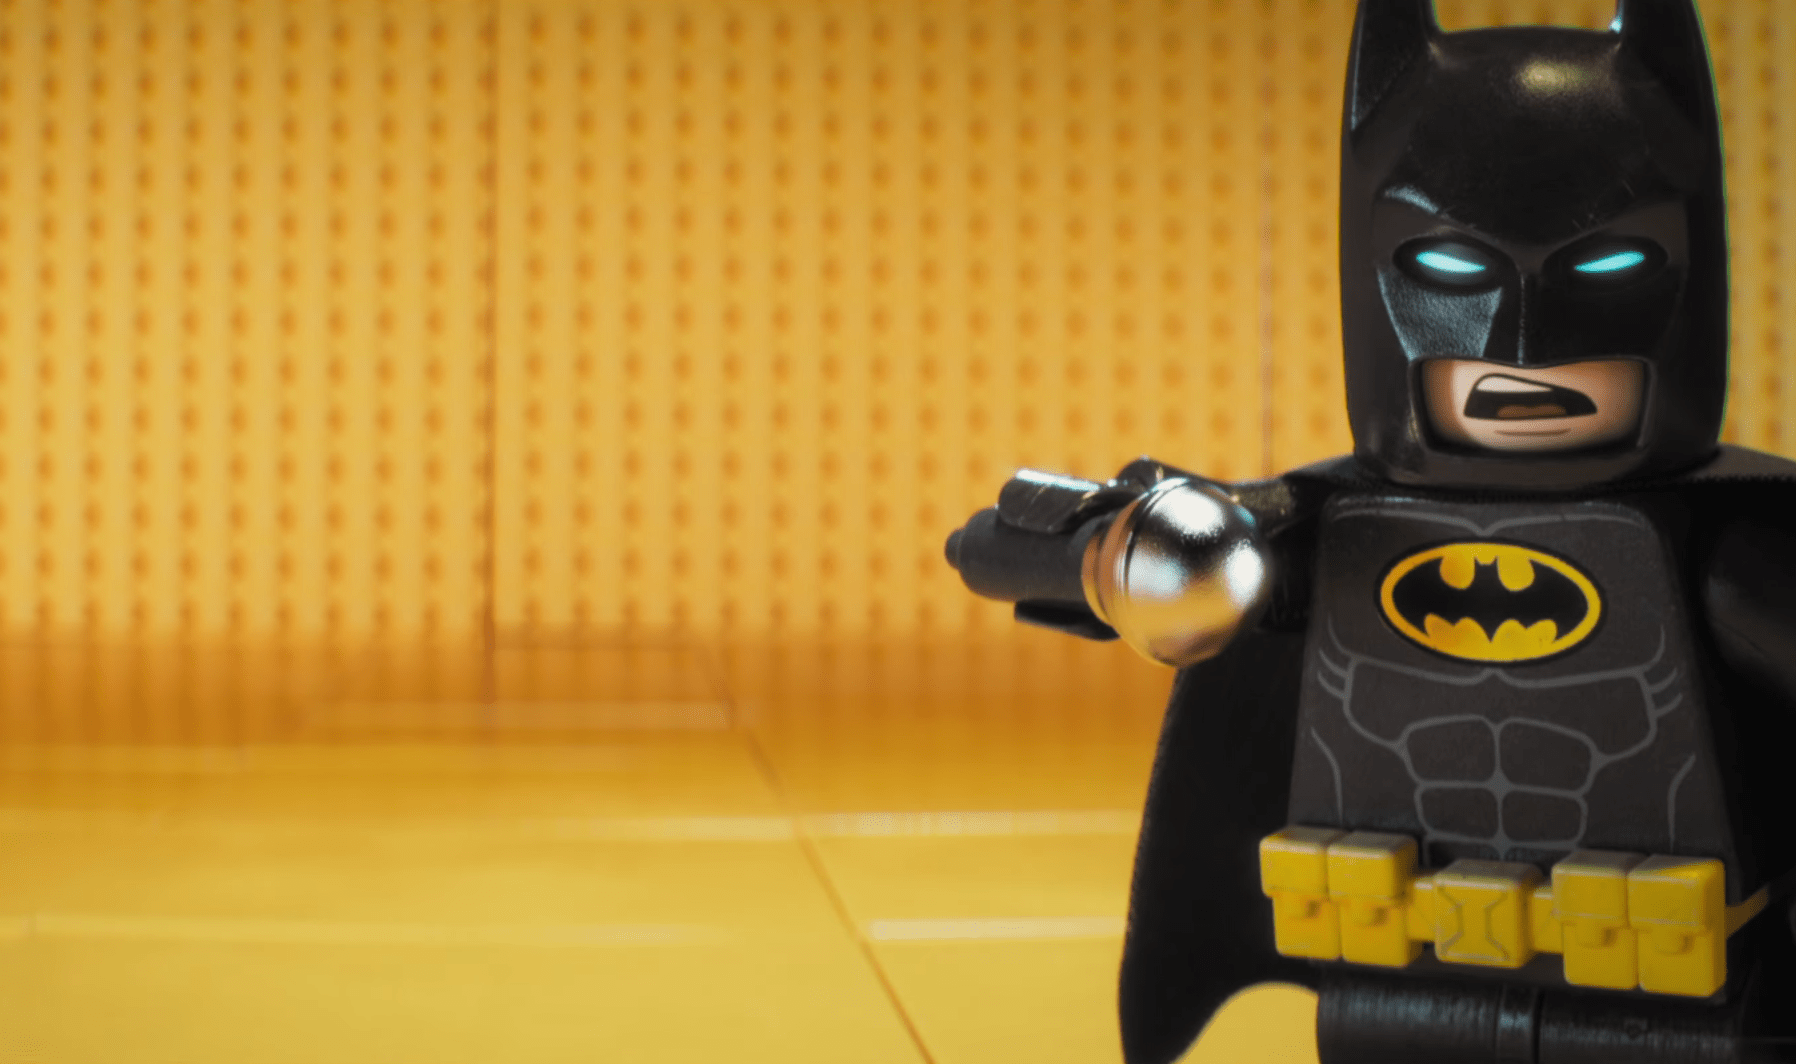 The Lego Batman Movie Widescreen for desktop